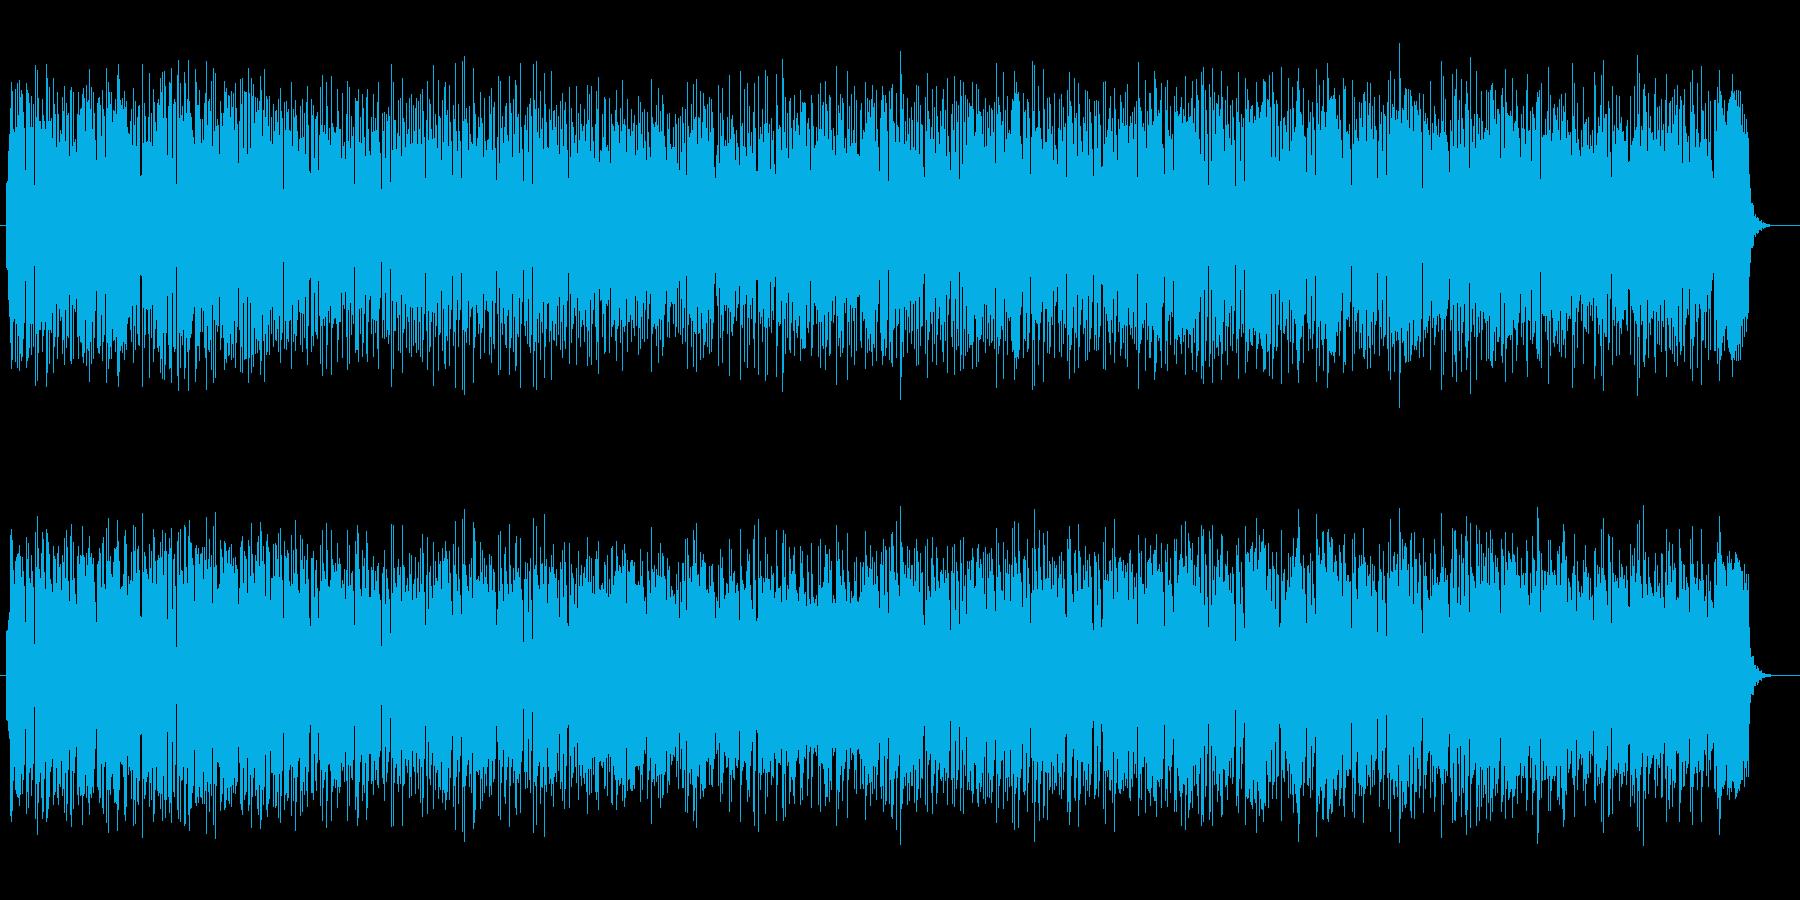 フルートとシンセピアノの心和やかサウンドの再生済みの波形